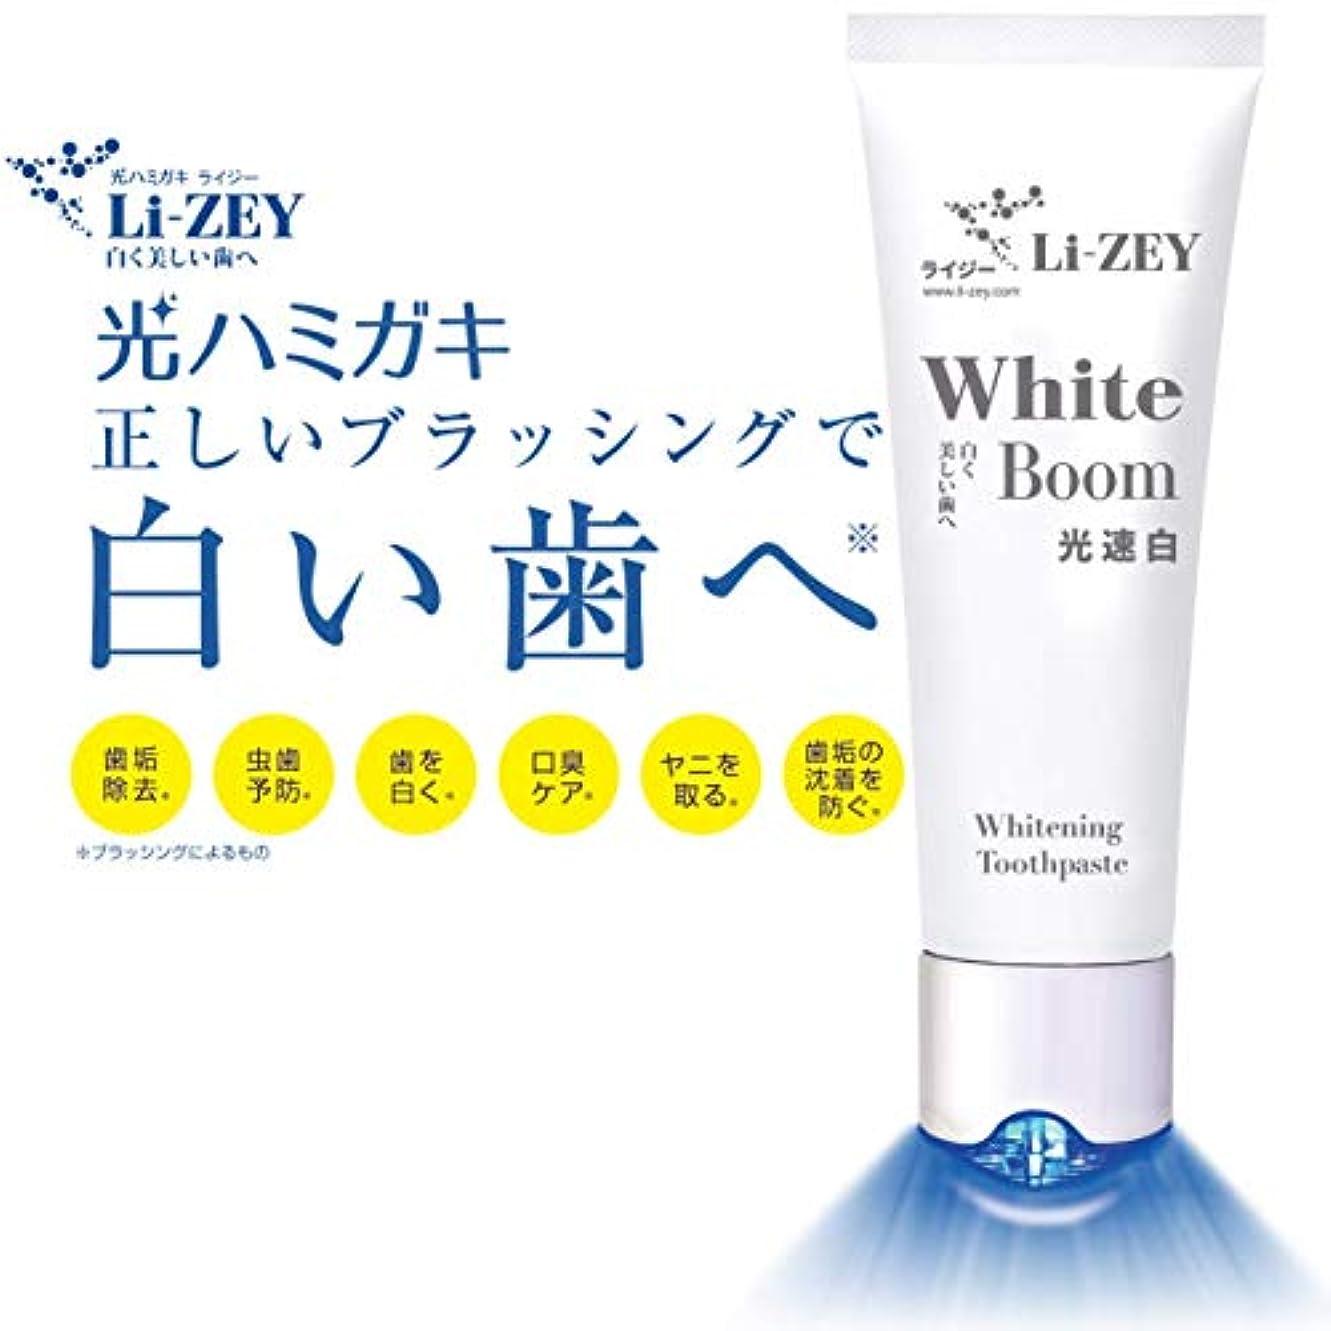 真鍮手配する静かに【光ハミガキ】ライジーLi-ZEY 光速白トゥースペースト 白い歯 【ホワイトニング】口臭?虫歯予防